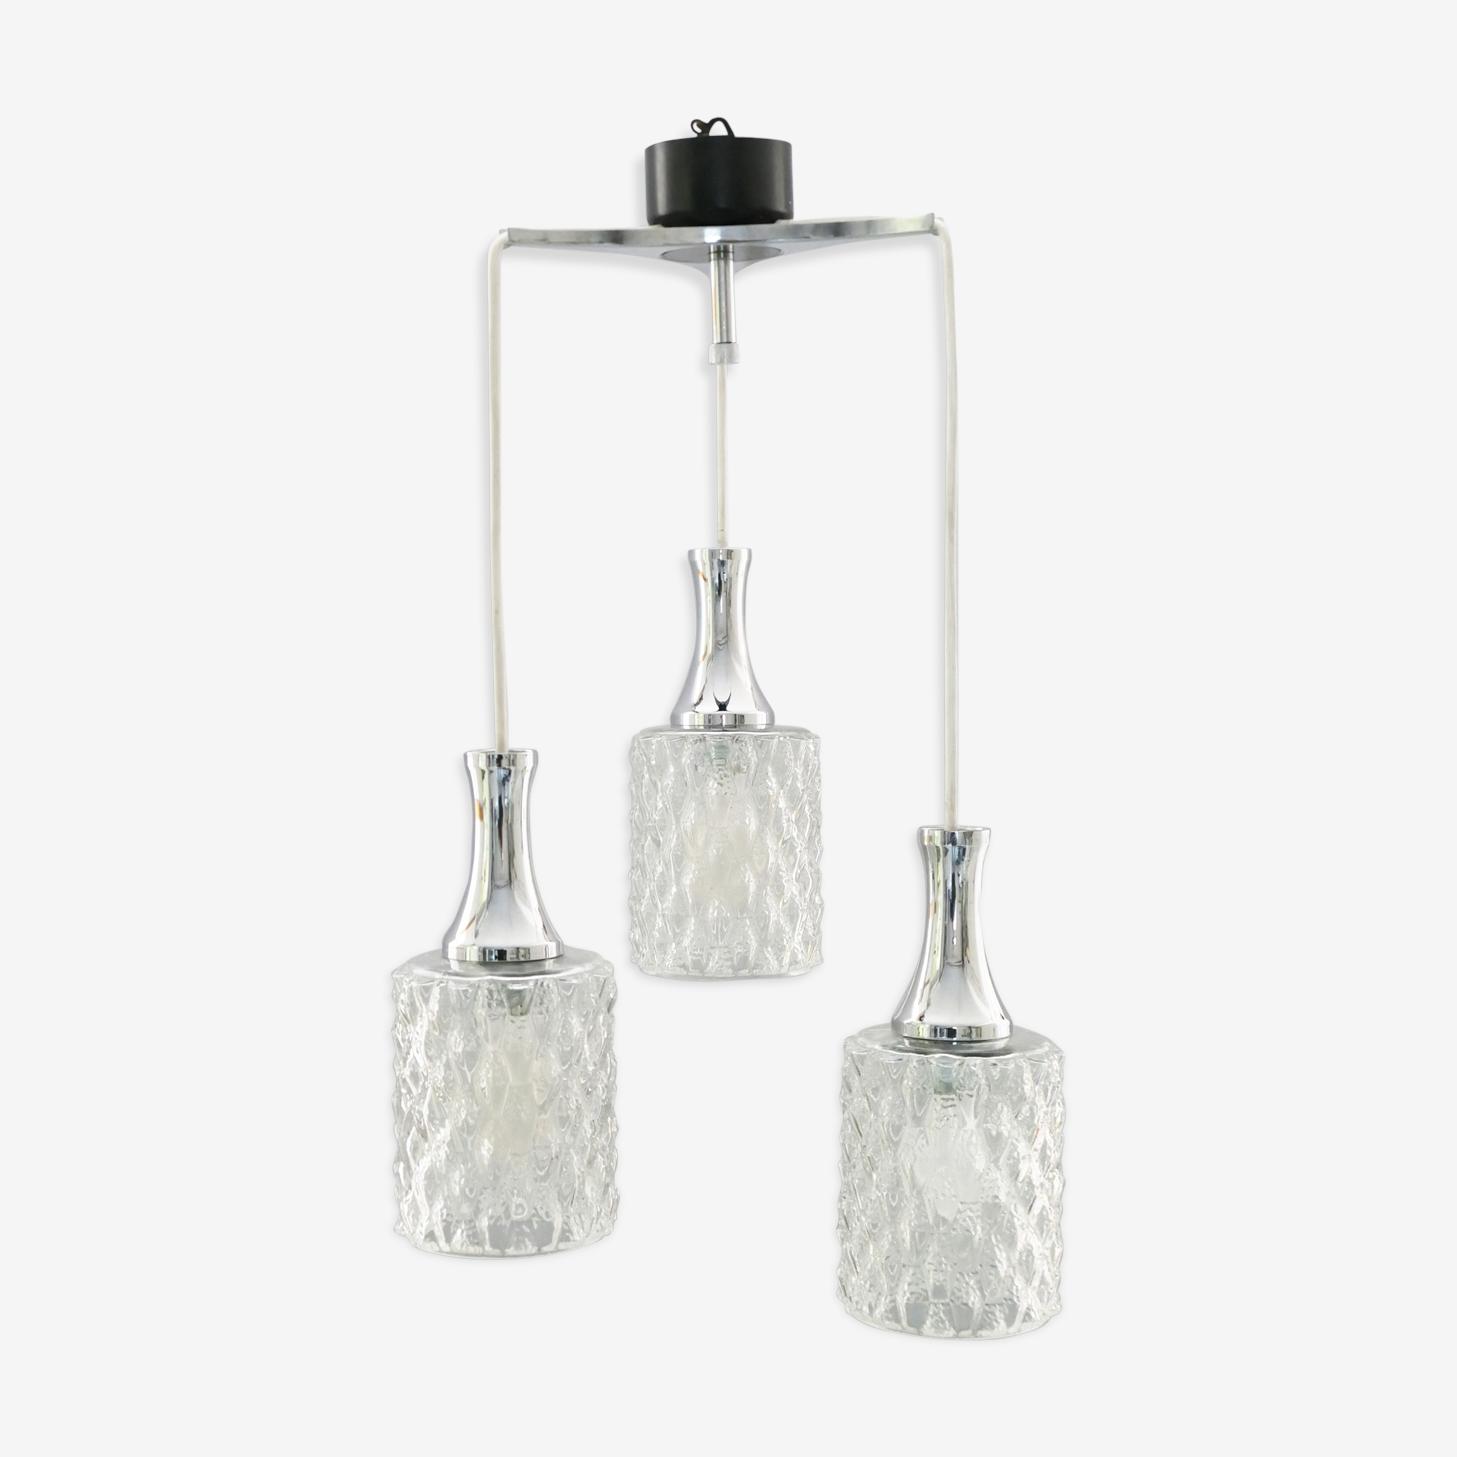 Hanging lamp 3 globes 1970